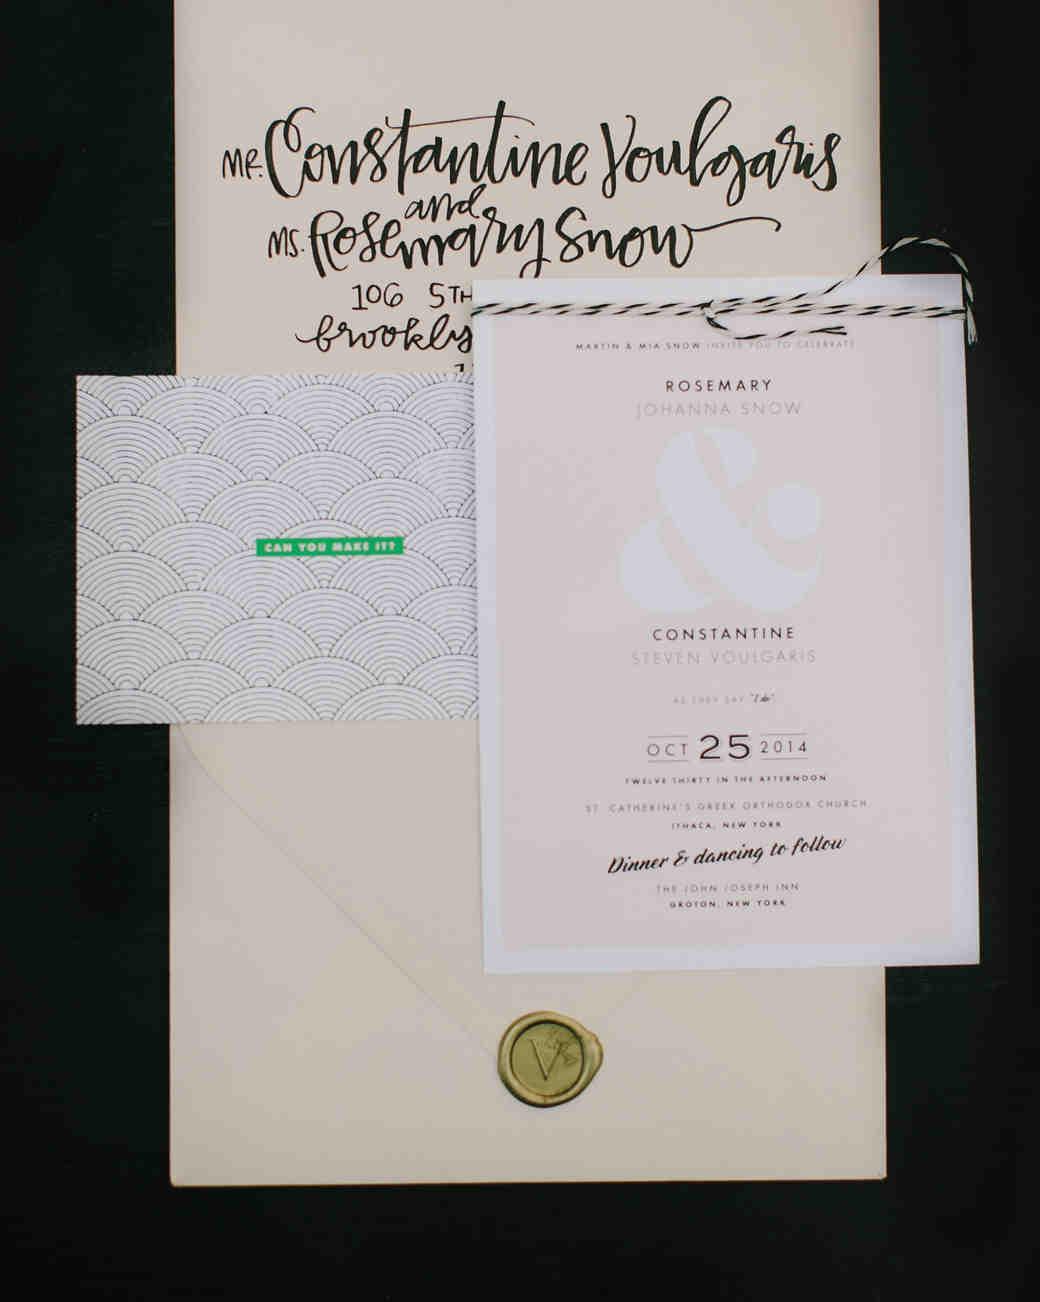 rosie-constantine-wedding-invite-1-s112177-1015.jpg